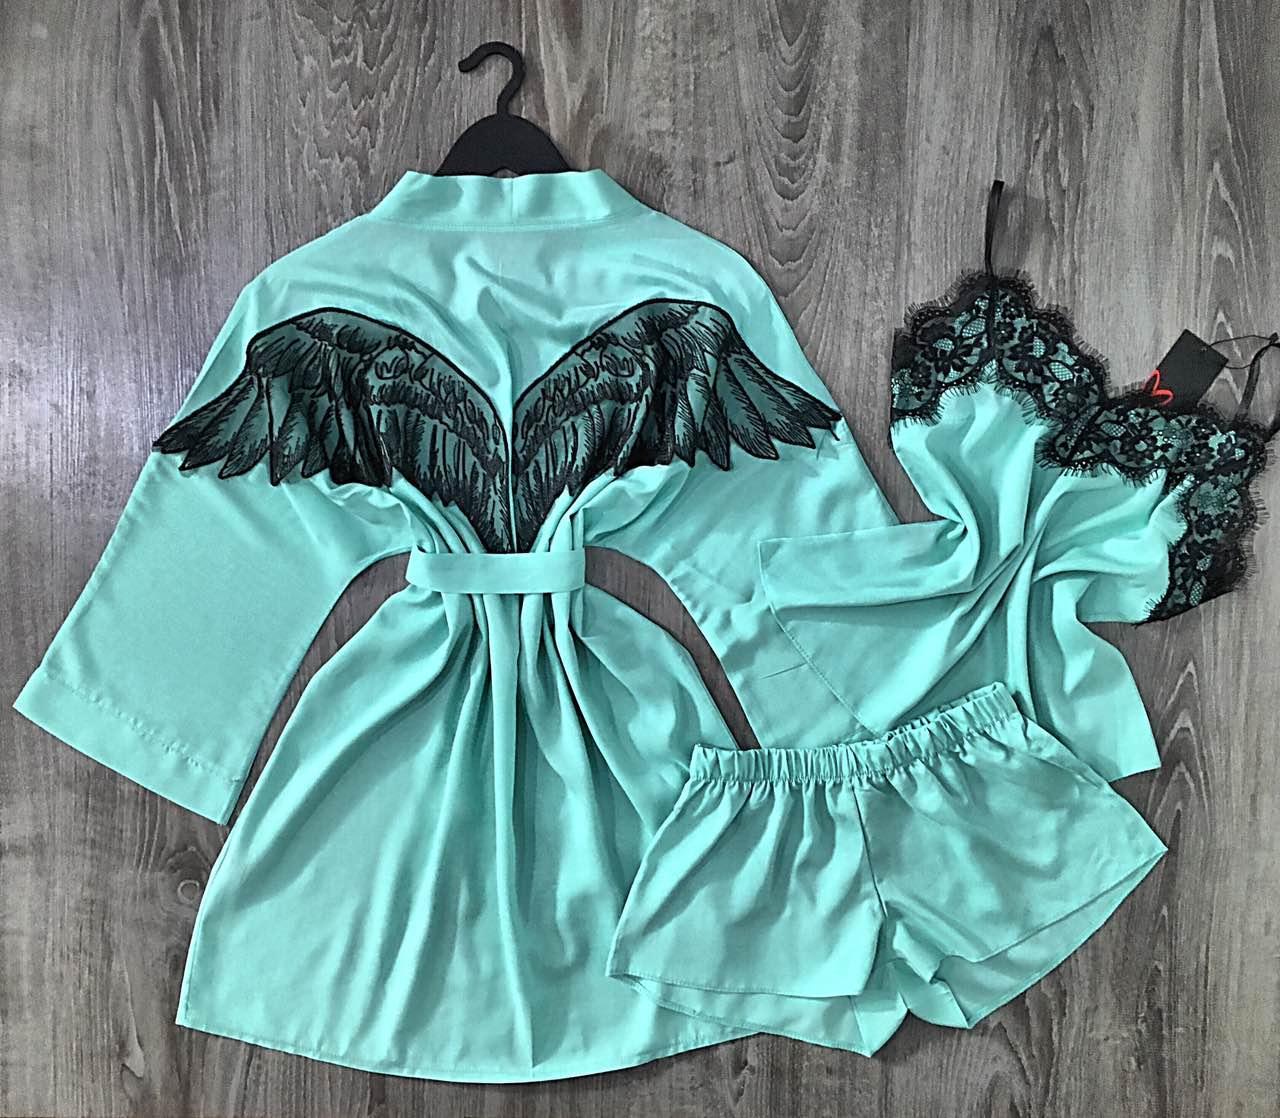 Модный комплект для дома тройка халат-майка-шорты